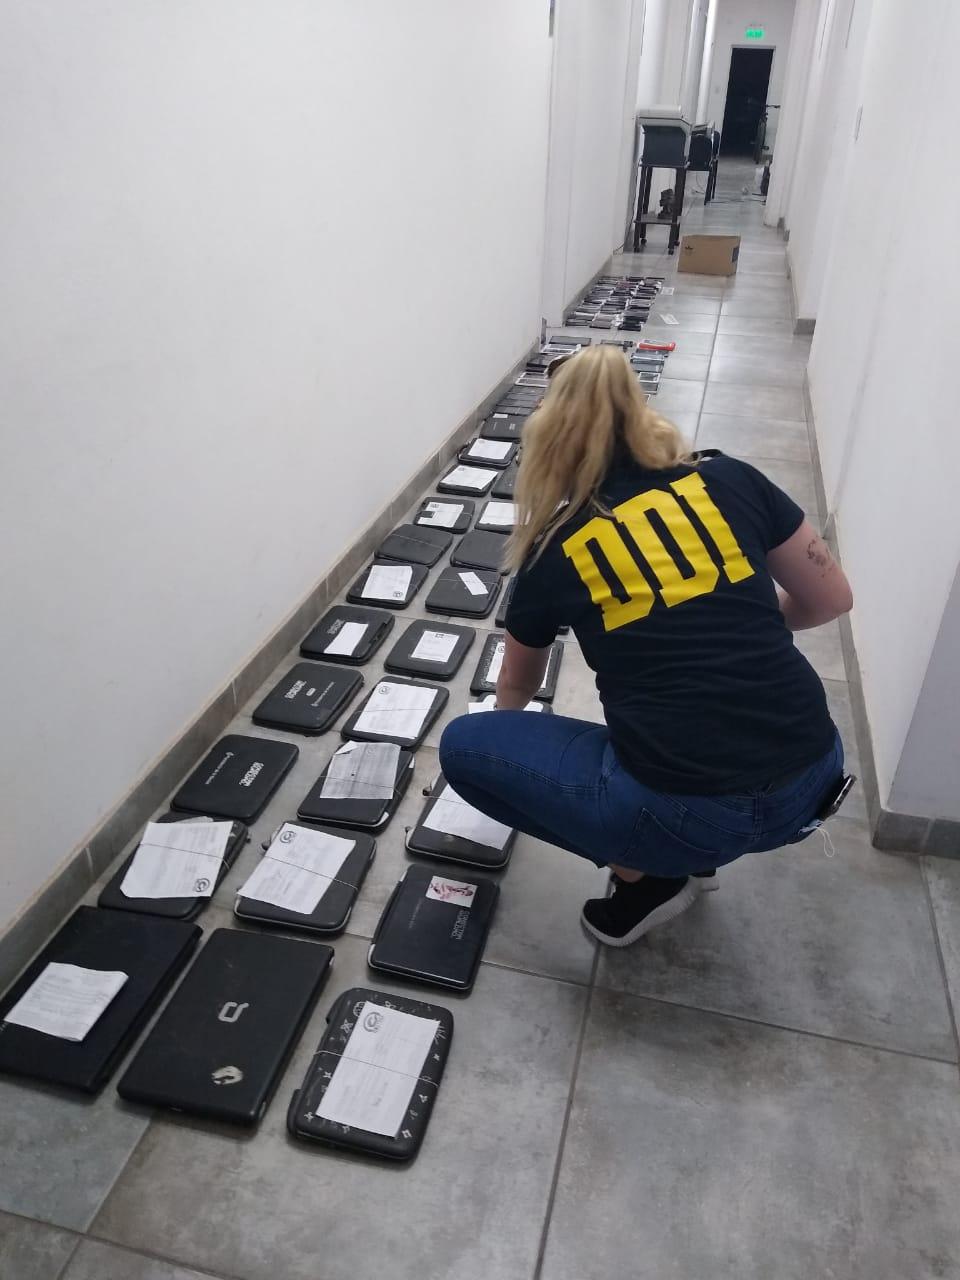 DDI allanó dos locales de venta y reparación de celulares y un domicilio particular en el marco de una investigación por Robo 1